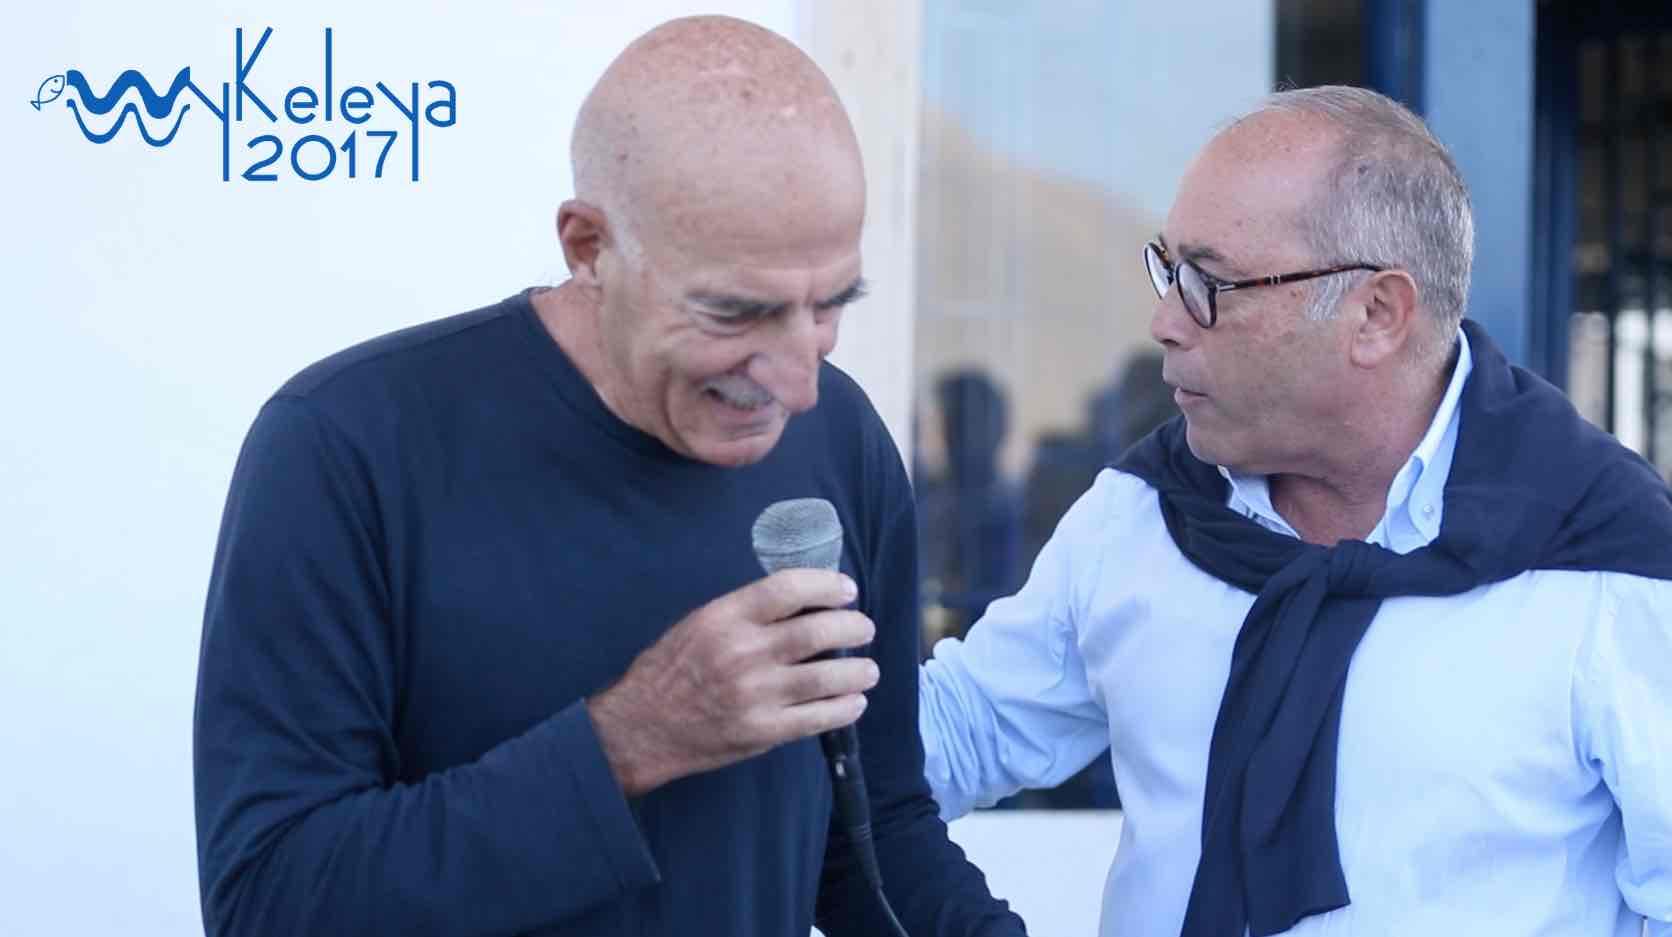 14 2017 Iano Monaco e G. Matracia